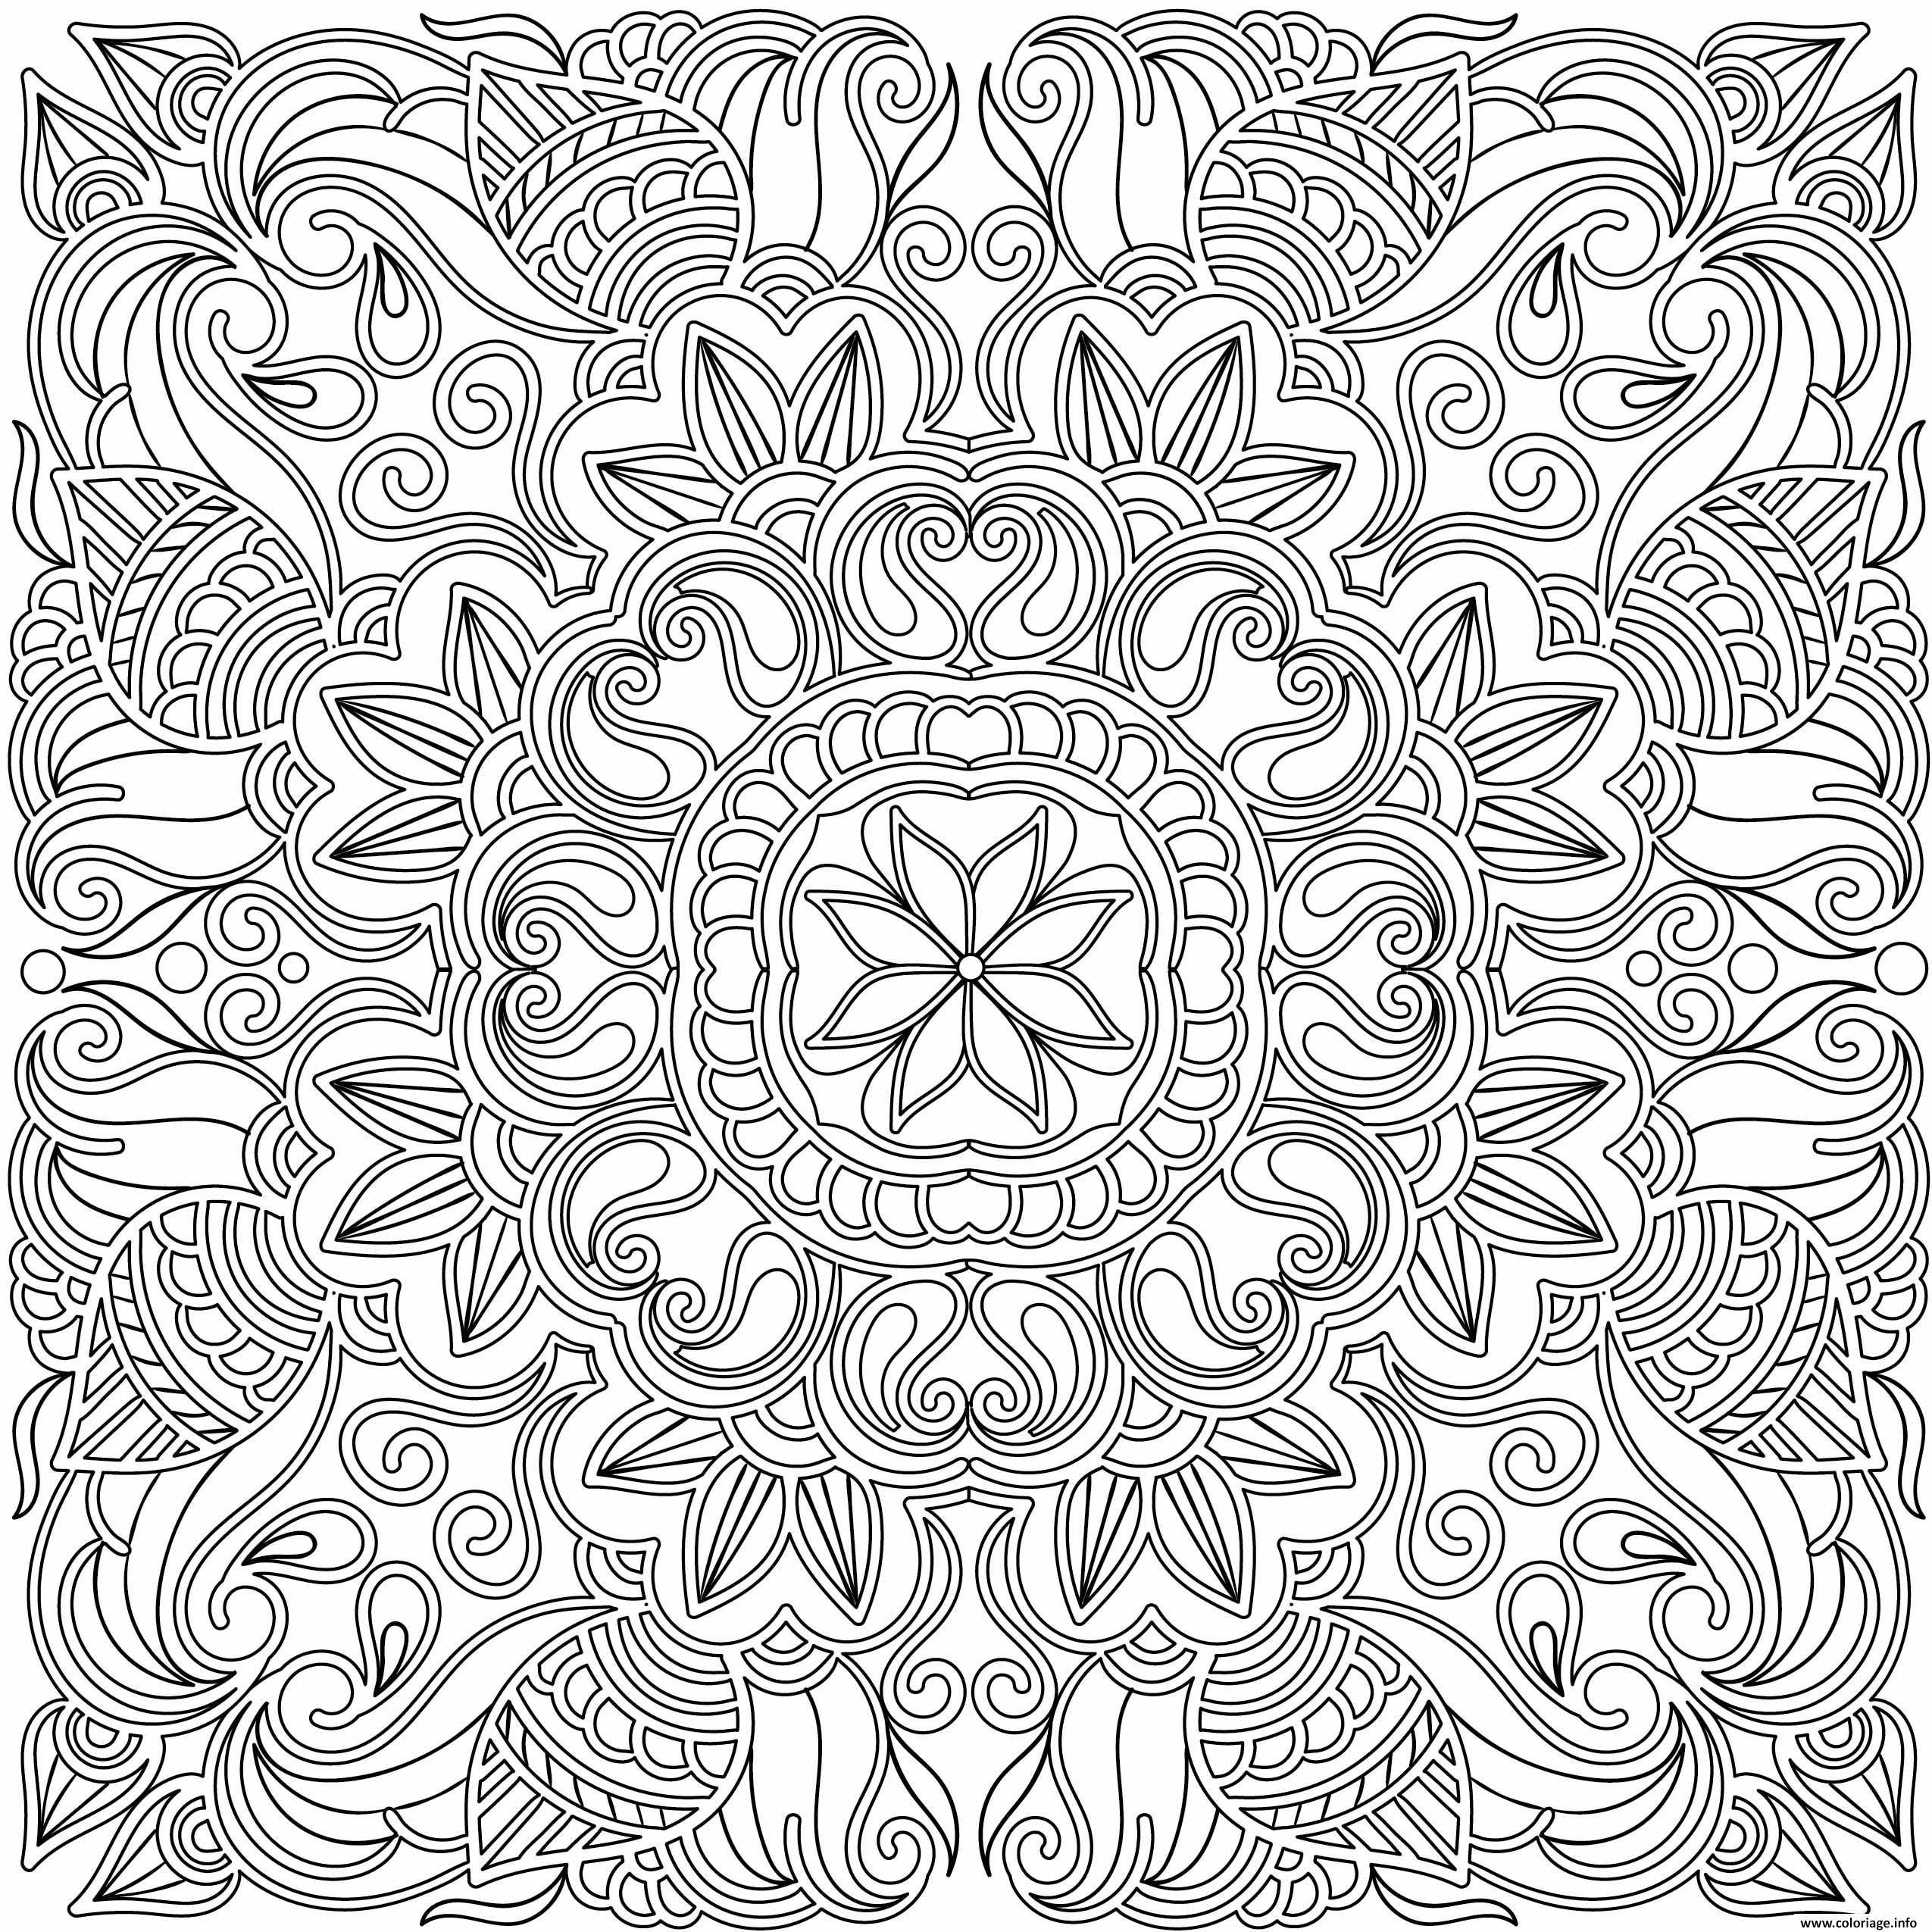 Coloriage adulte mandala doodle dessin imprimer a coloring books pattern coloring - Mandala adulte ...